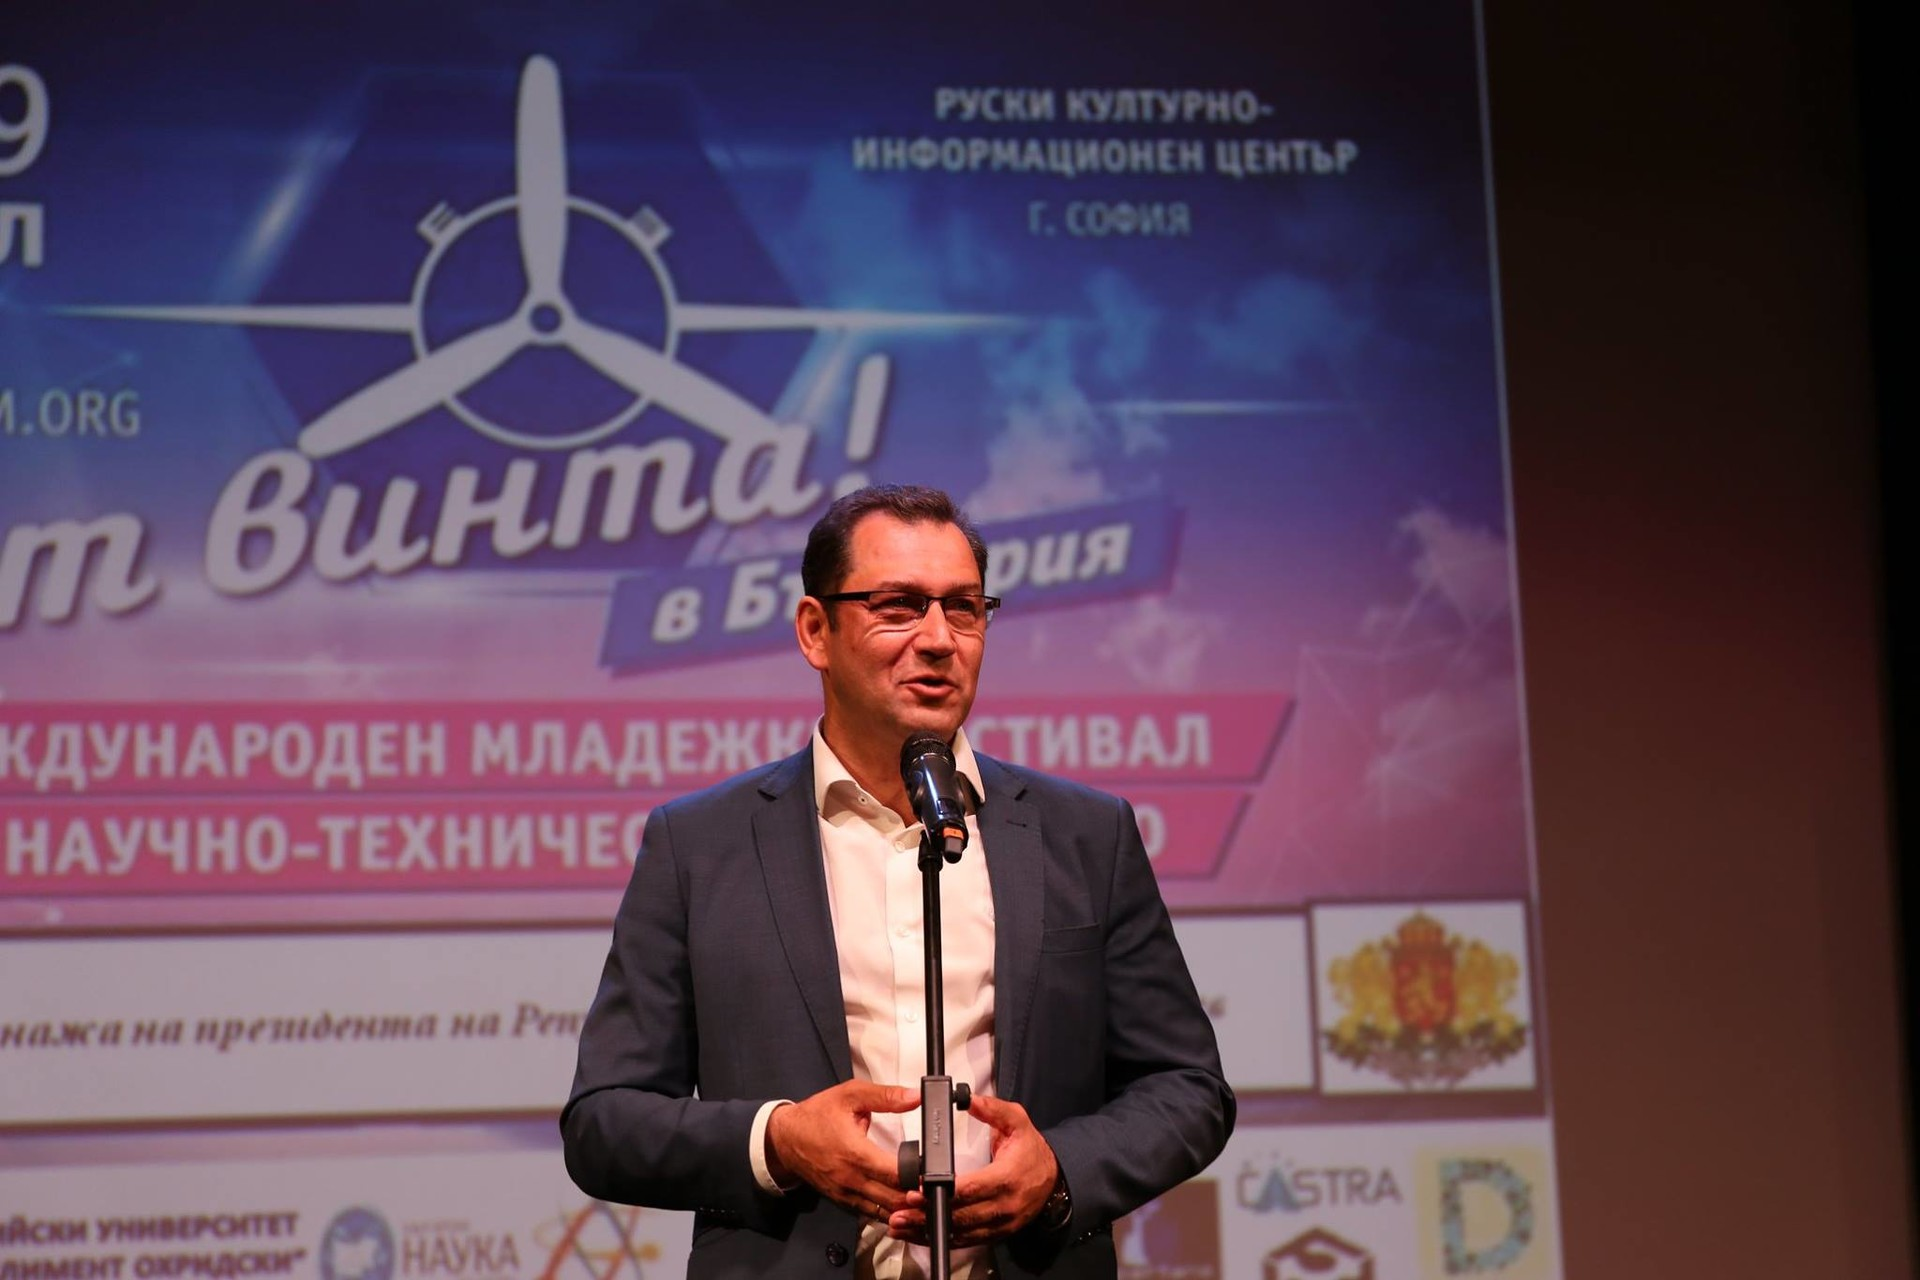 Павел Журавльов